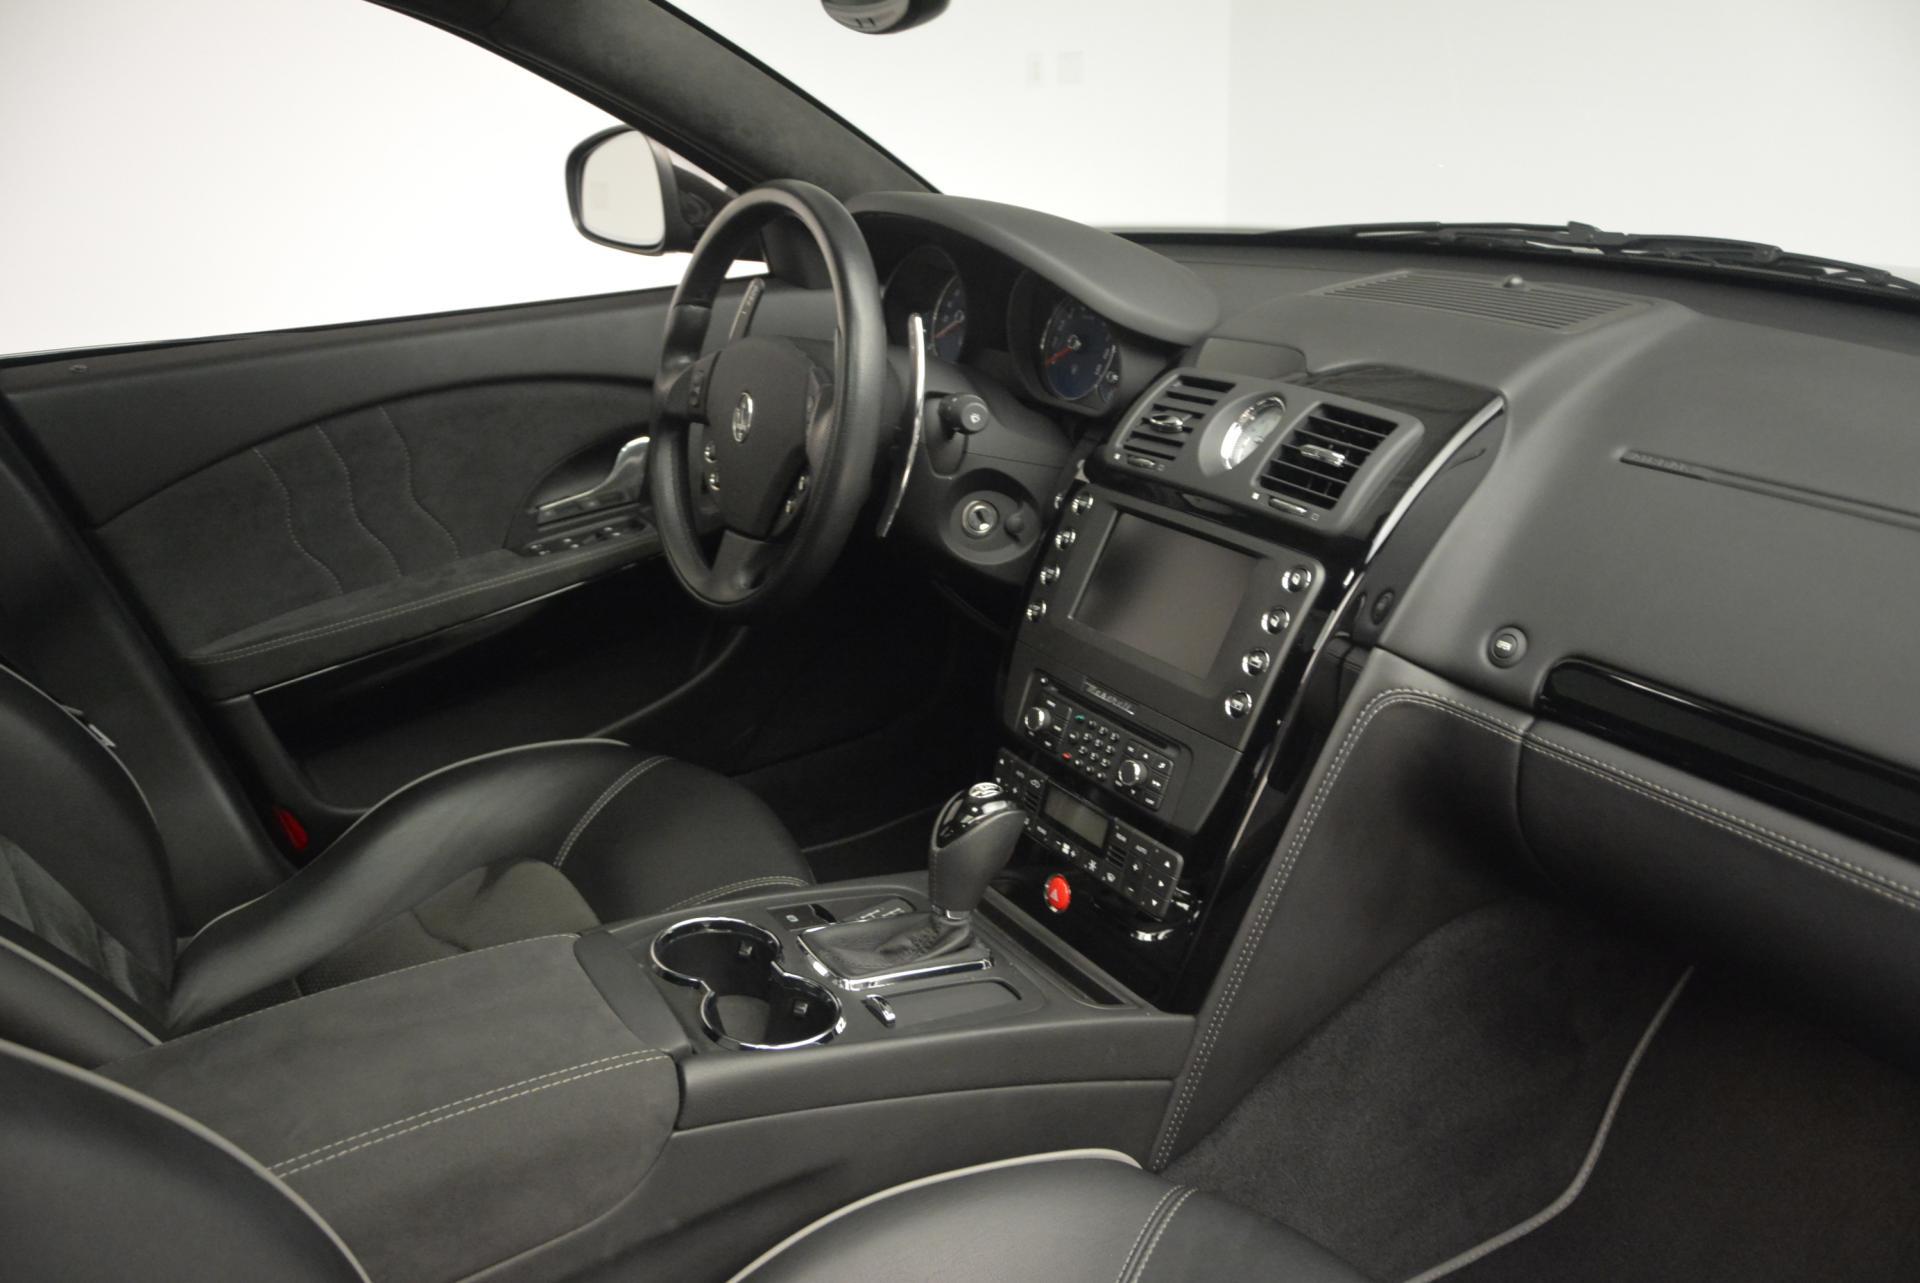 Used 2011 Maserati Quattroporte Sport GT S For Sale In Greenwich, CT 531_p22